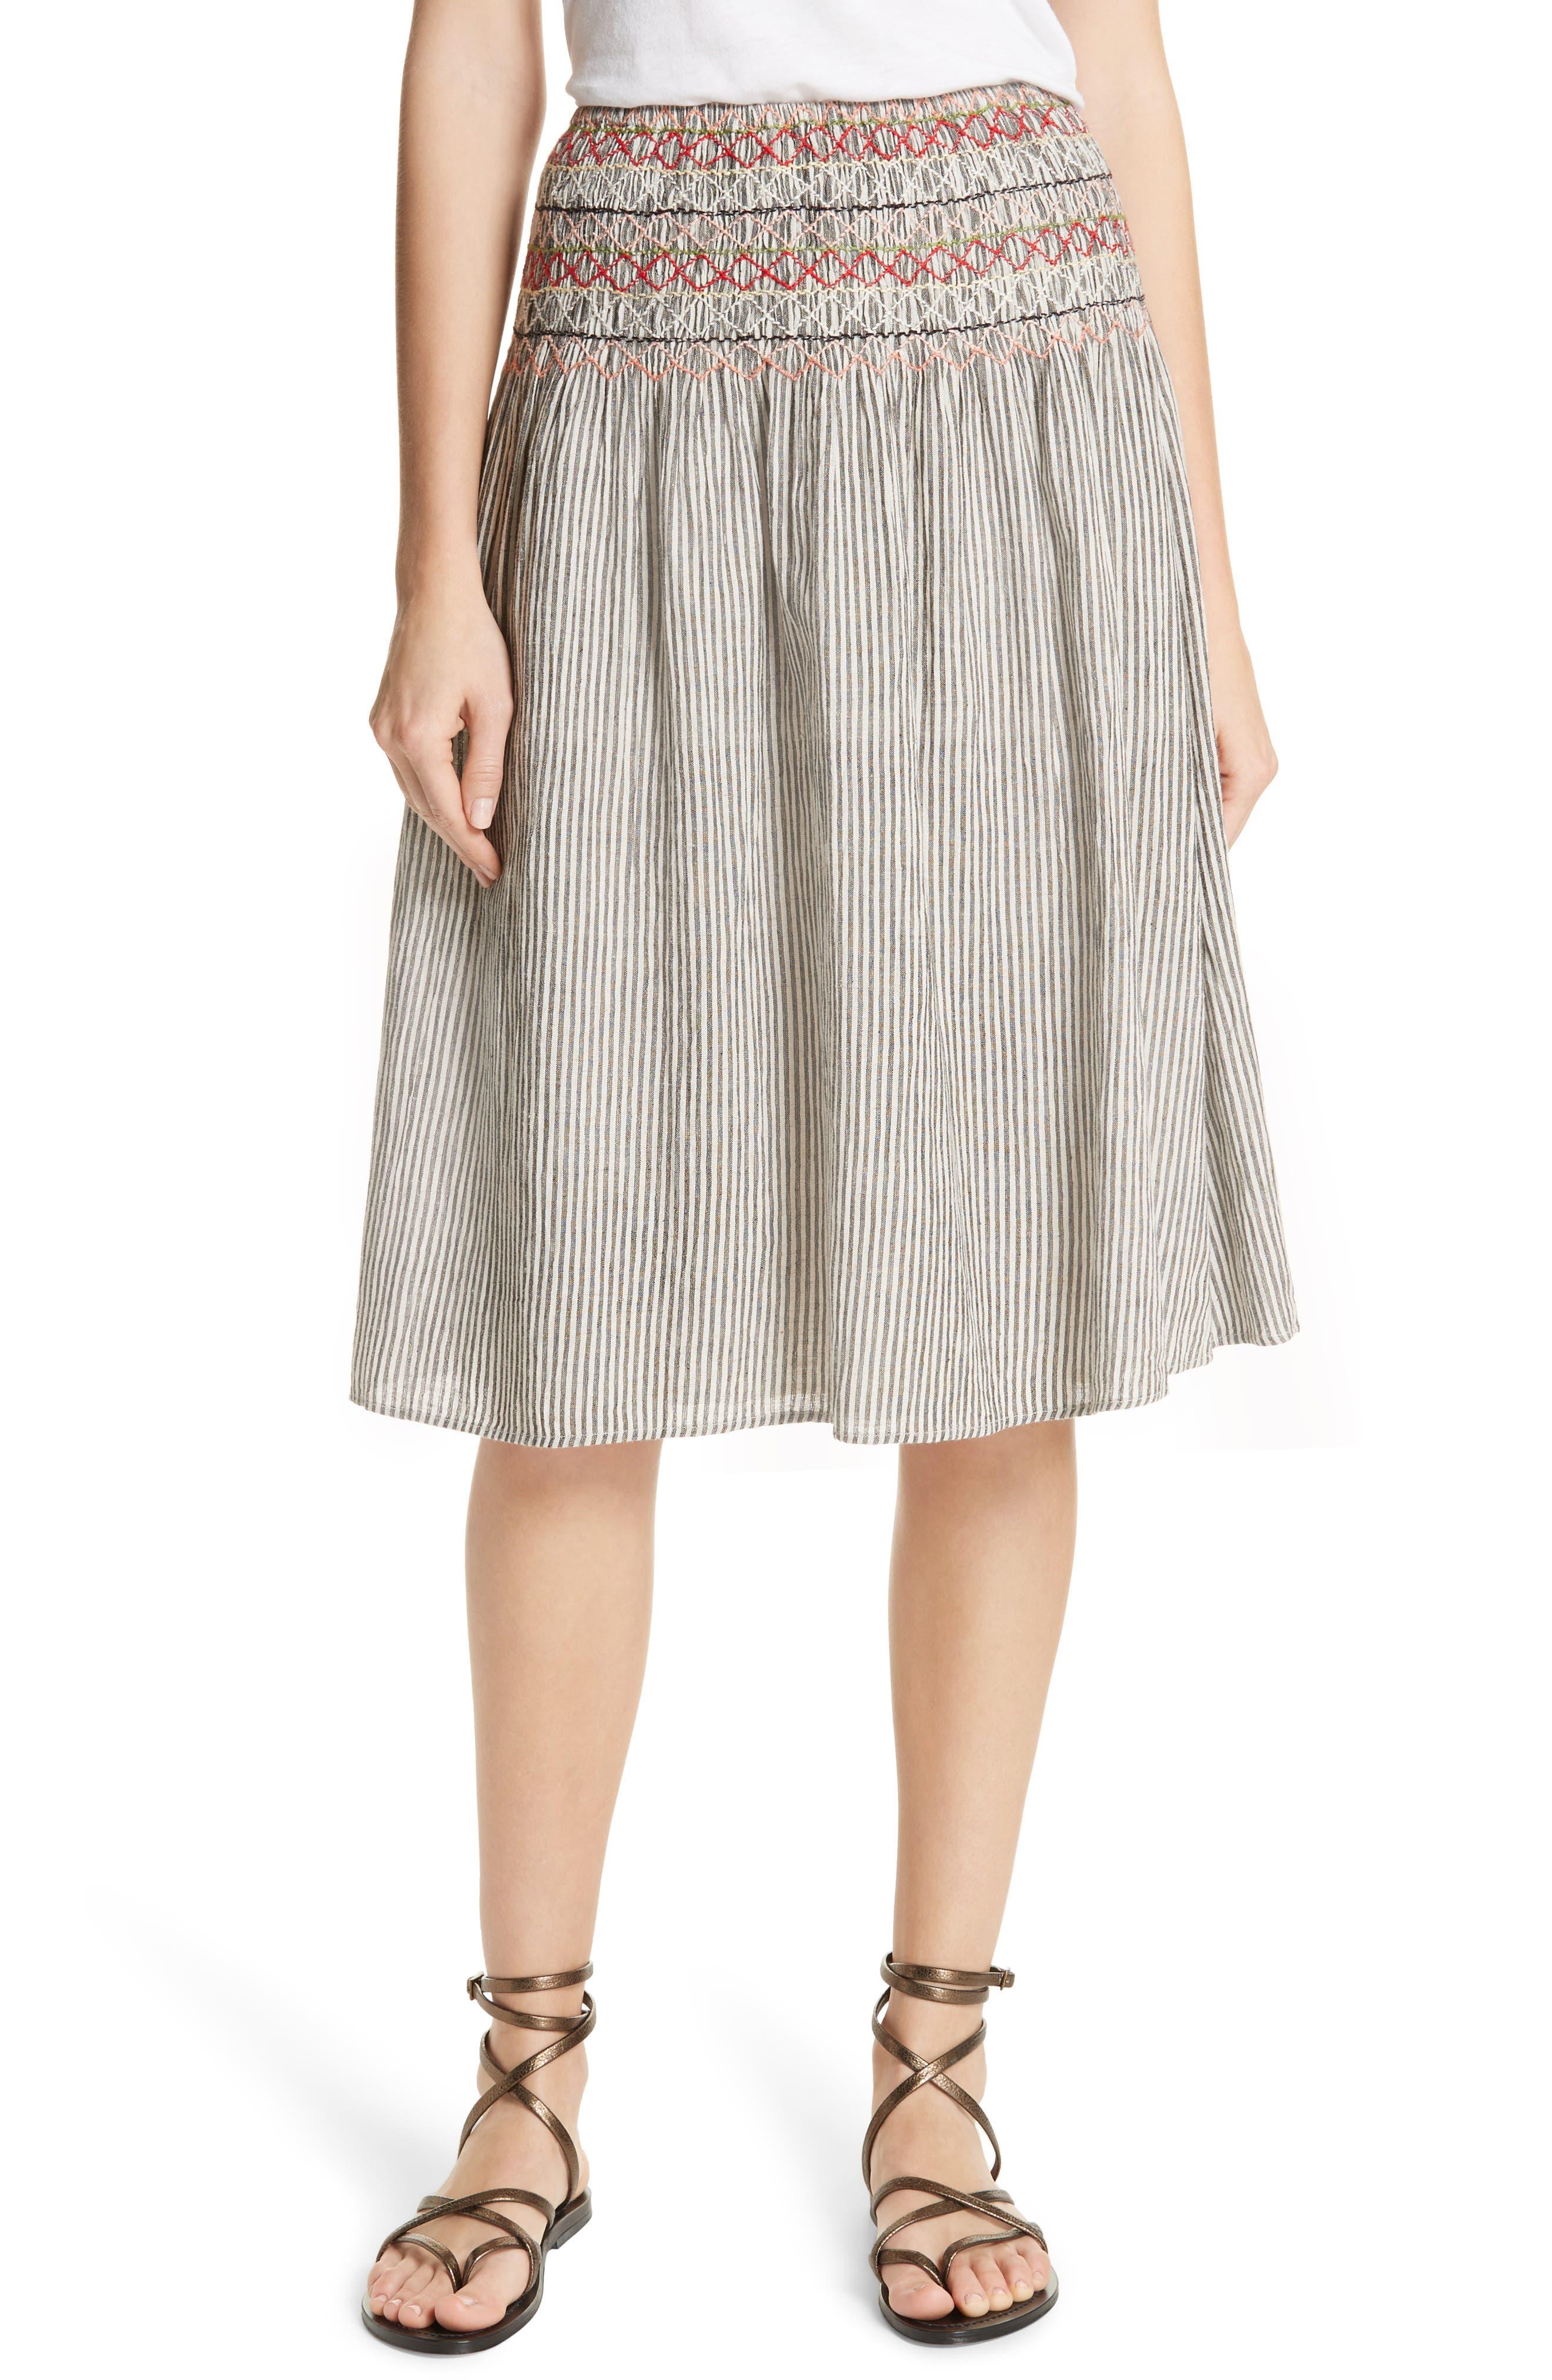 THE GREAT. The Vista Cotton & Linen Skirt